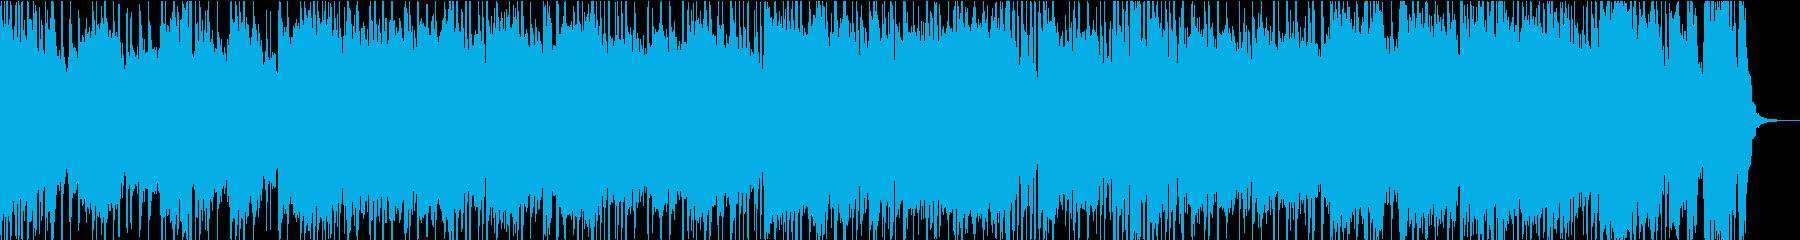 グルーヴィーなギターメロディとカン...の再生済みの波形